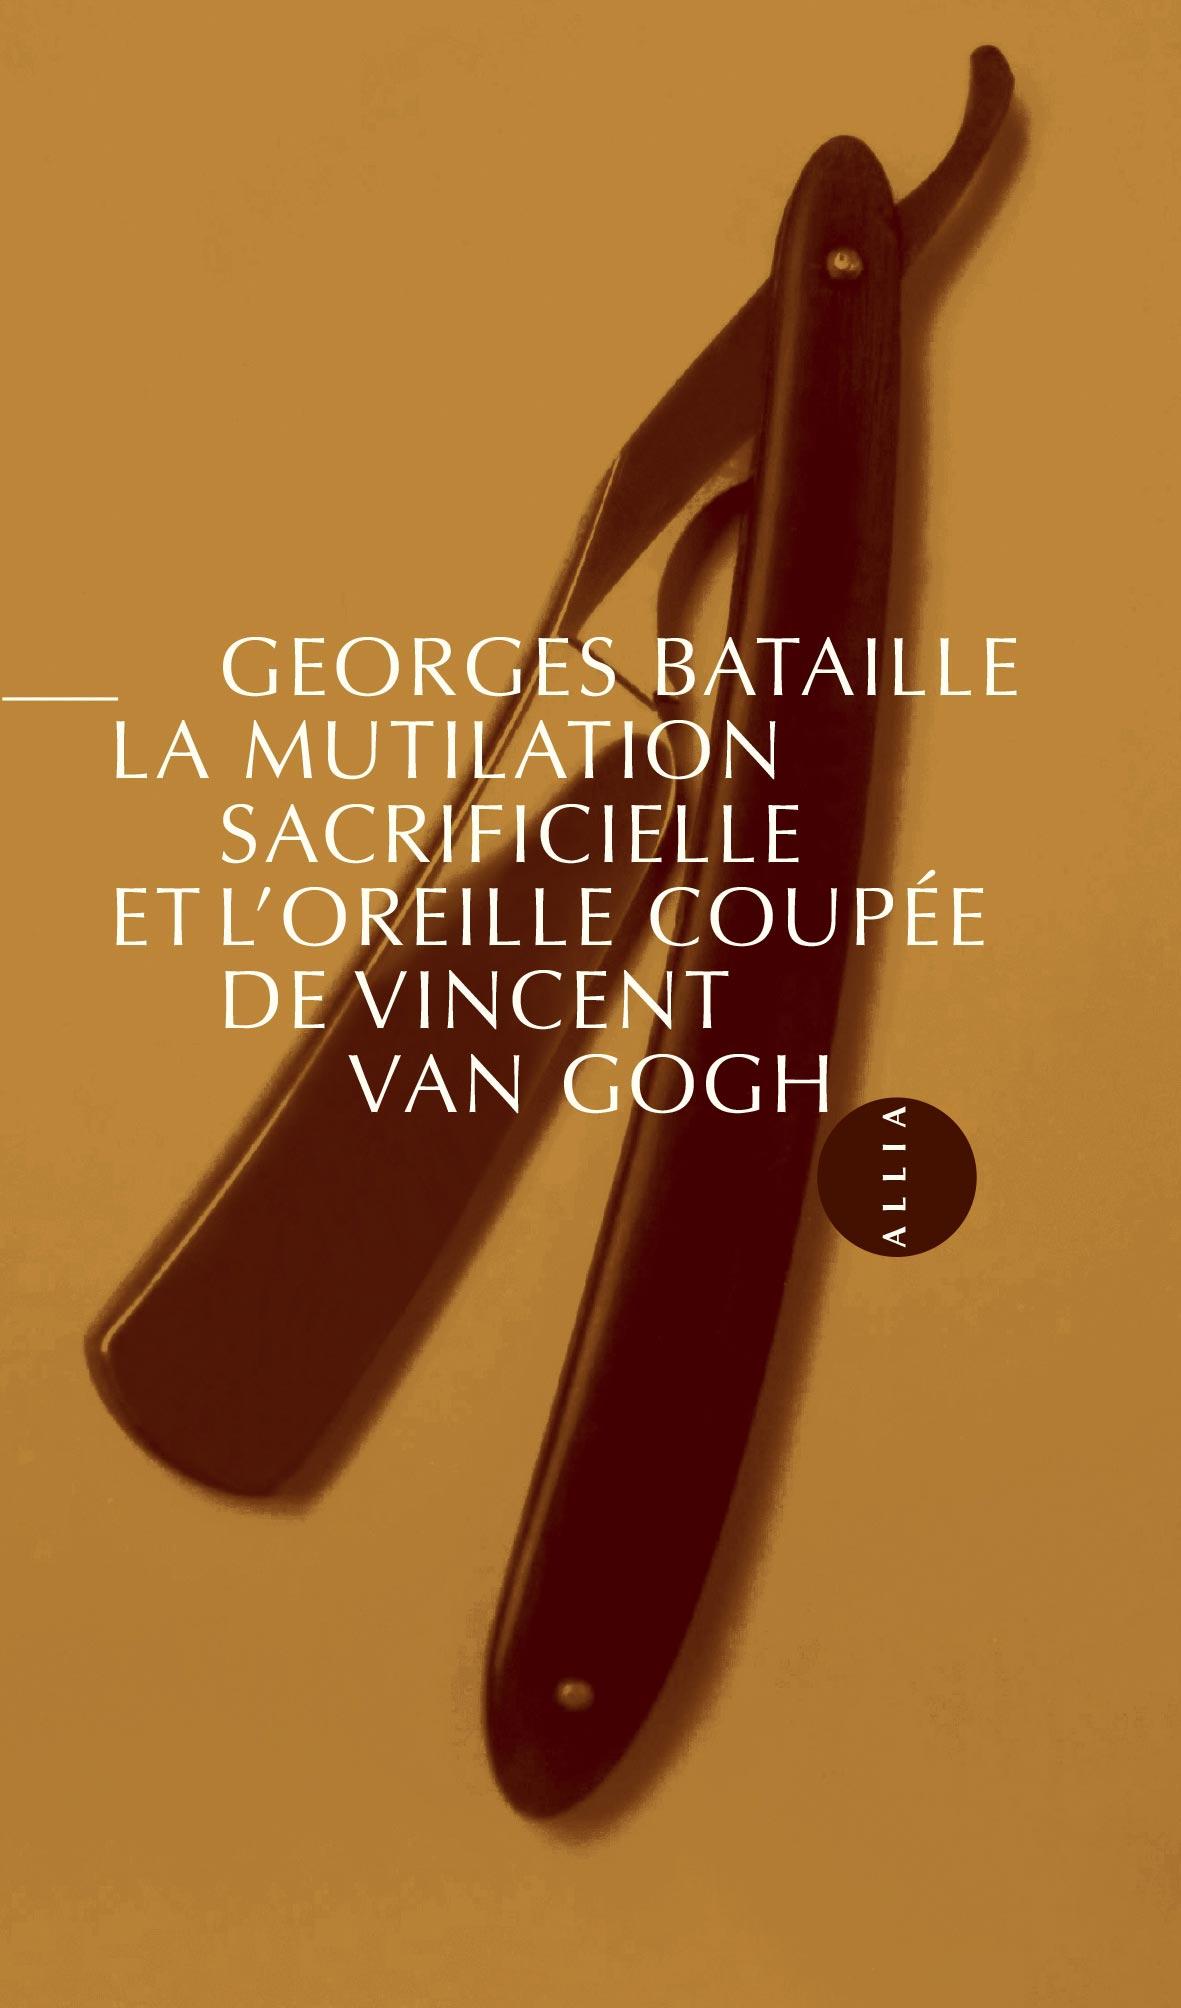 G. Bataille, La Mutilation sacrificielle et l'oreille coupée de Vincent Van Gogh